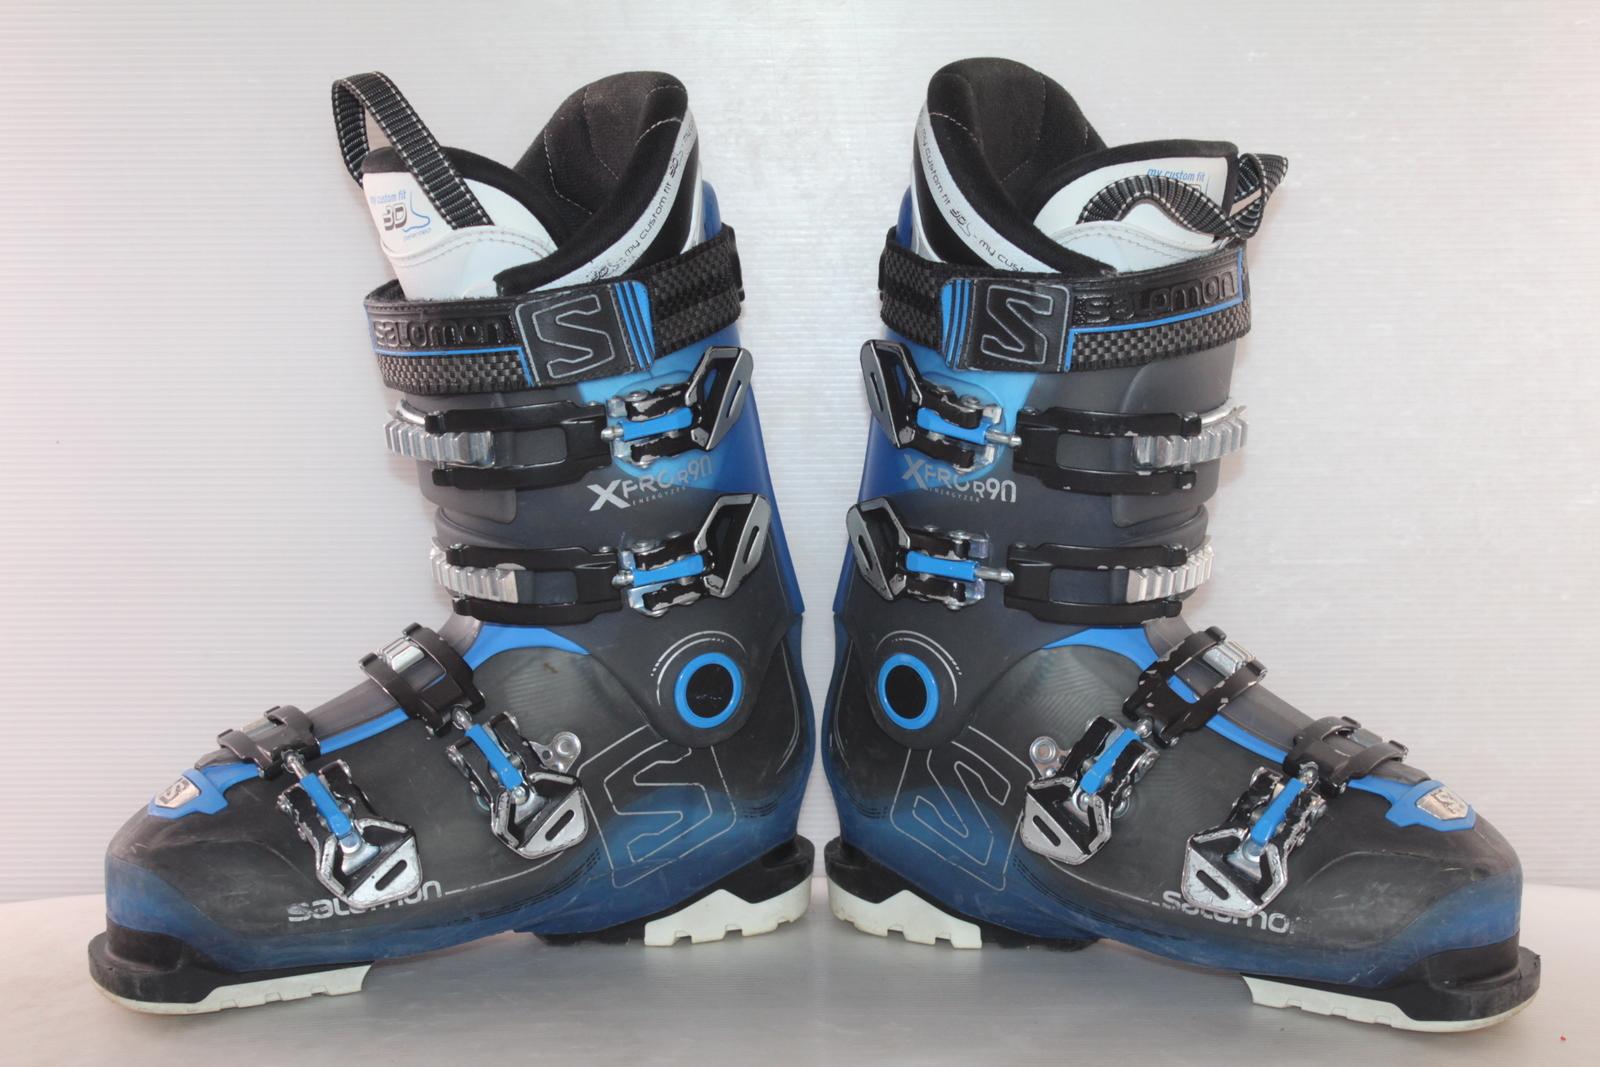 Lyžařské boty Salomon X Pro R90 vel. EU41 flexe 90